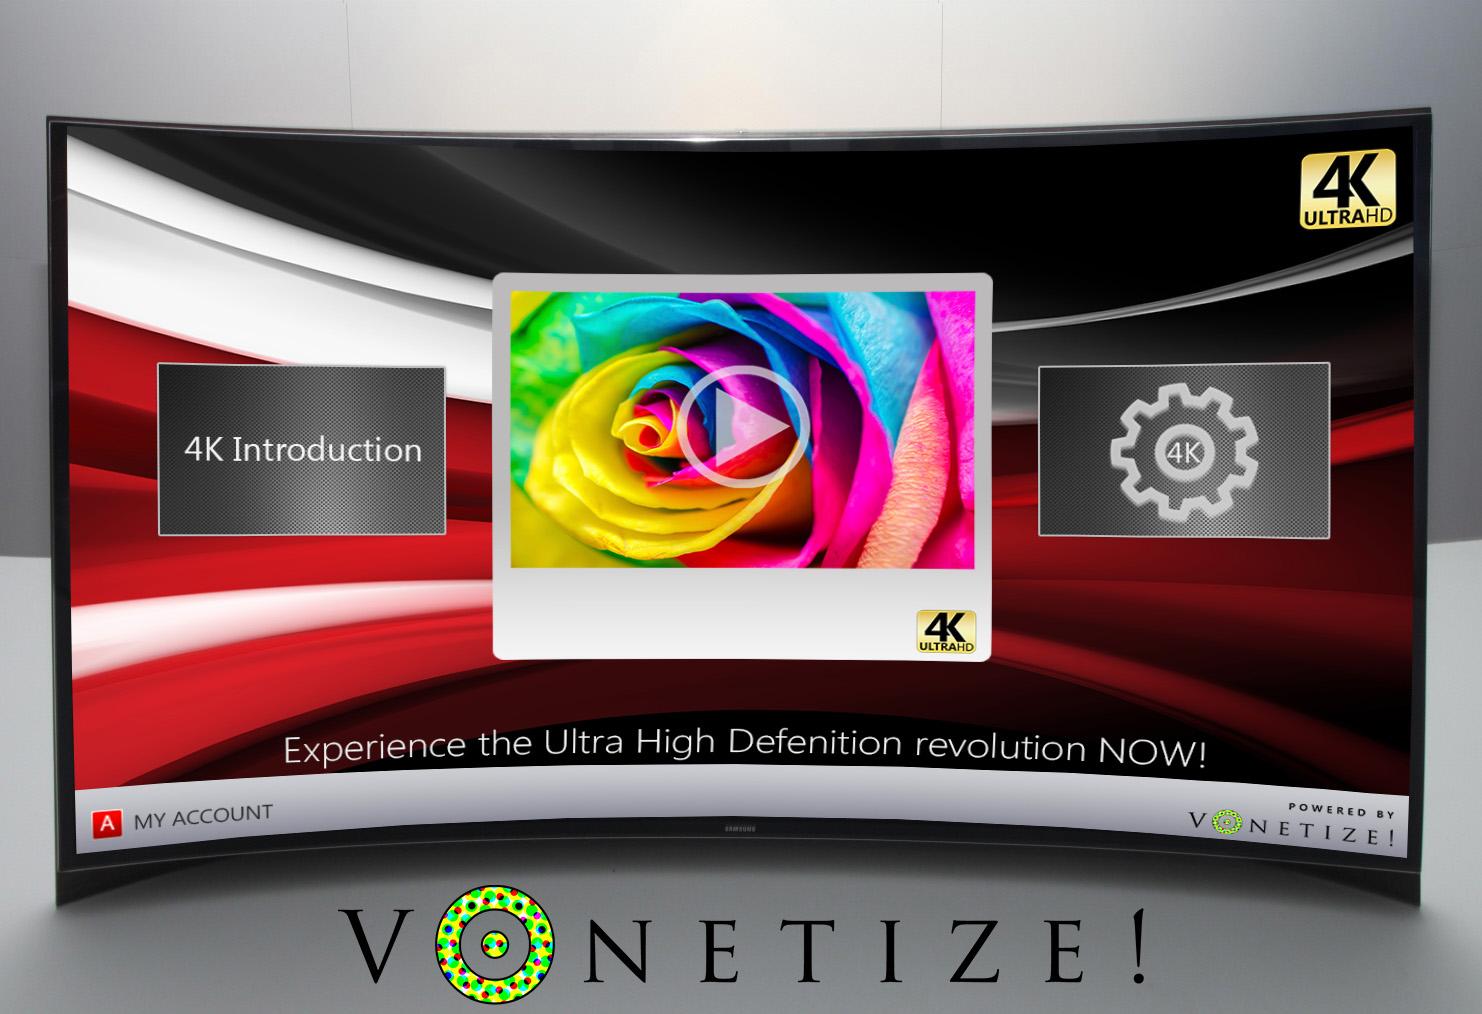 Mit Vonetize steht ein 4k Streaming Portal in den Startlöchern